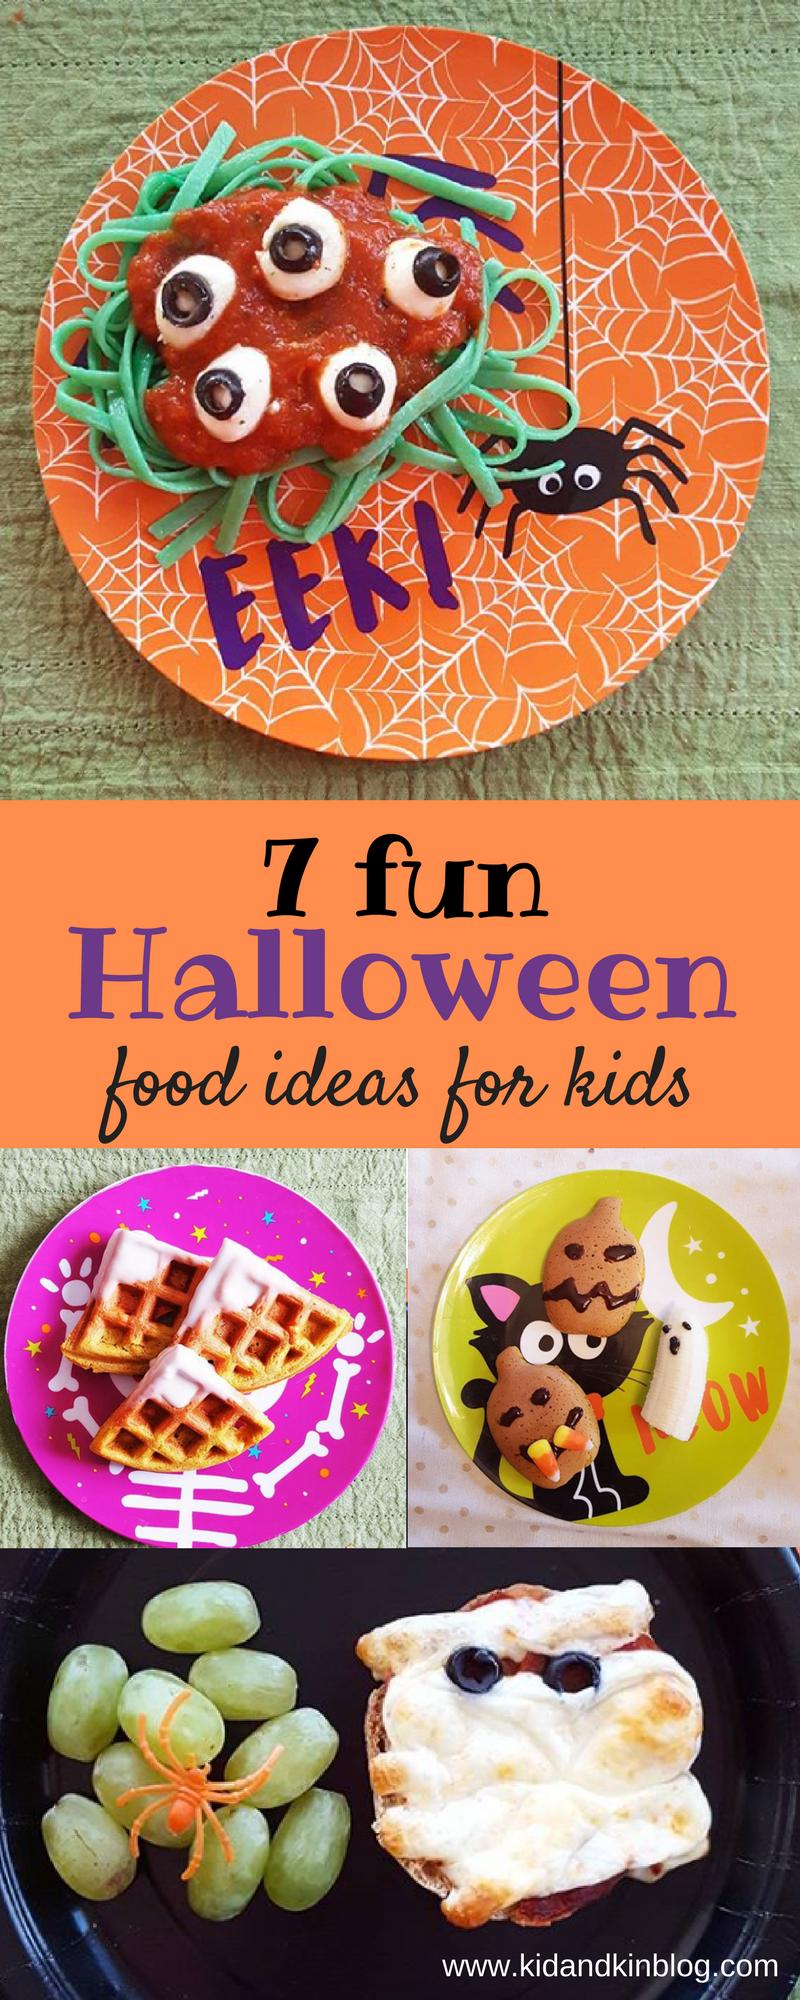 7 fun halloween foods for kids | happy halloween | pinterest